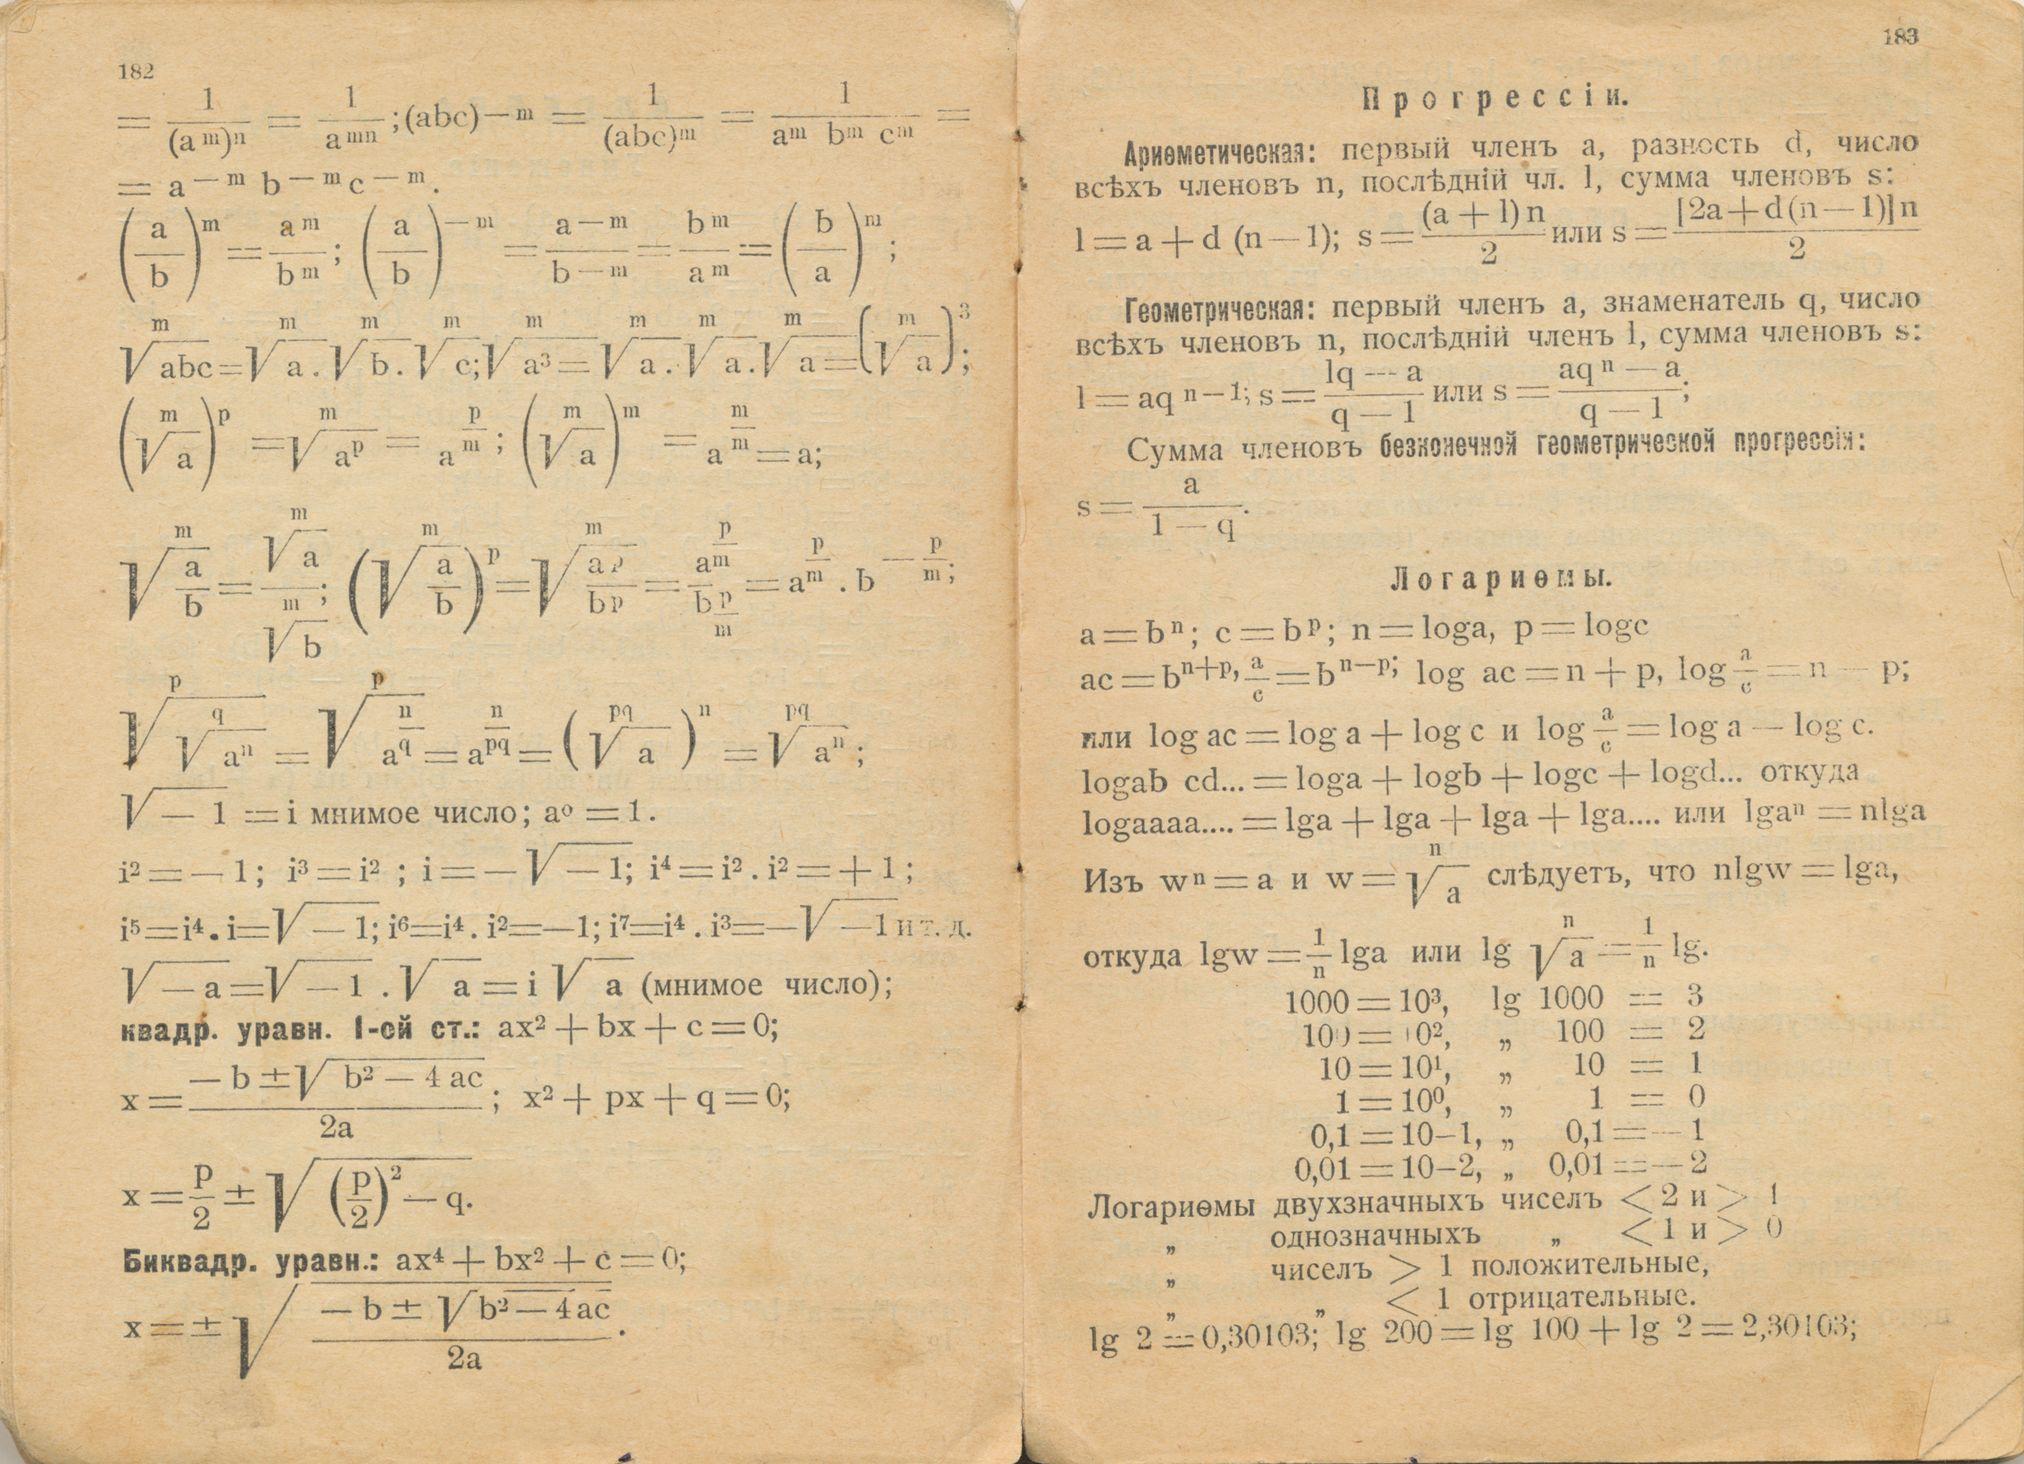 1 сентября 110 лет назад: тригонометрия, курс доллара и бенгальские огни - 7